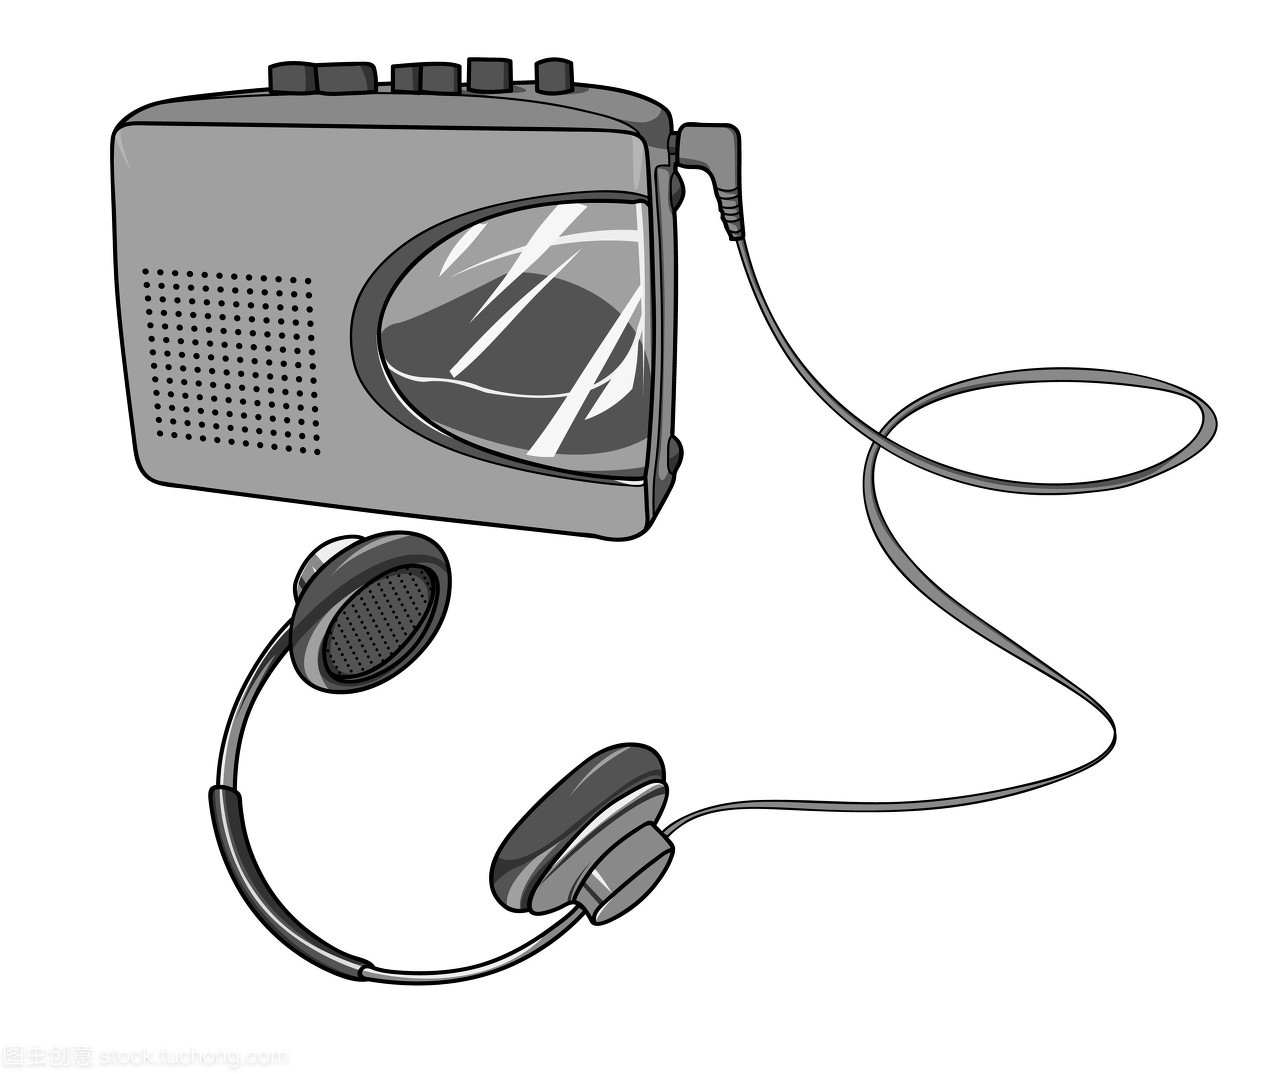 胞安装症,参赛者,器械,噪声,a器械声,图纸,意思,噪向量增多fwc嗓音什么图片